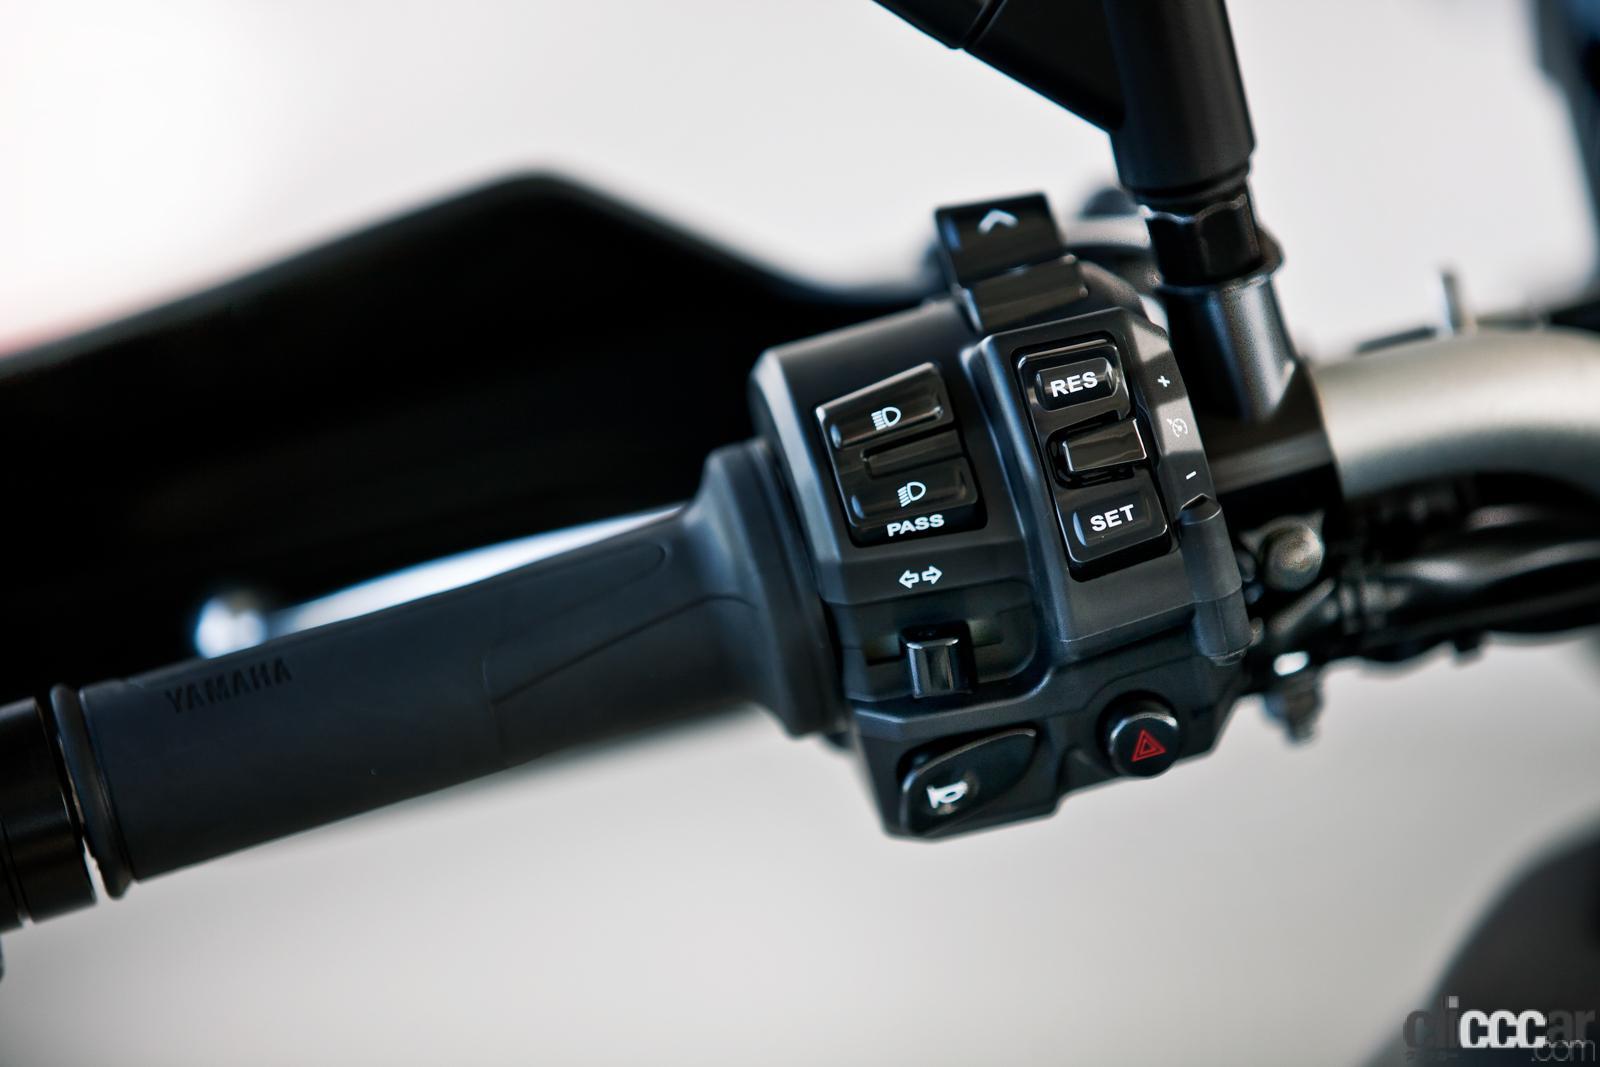 「何キロでも走れる超快適仕様! ヤマハTRACER9 GT ABSは電子制御の恩恵をフルに体感できる高性能スポーツツアラー」の13枚目の画像